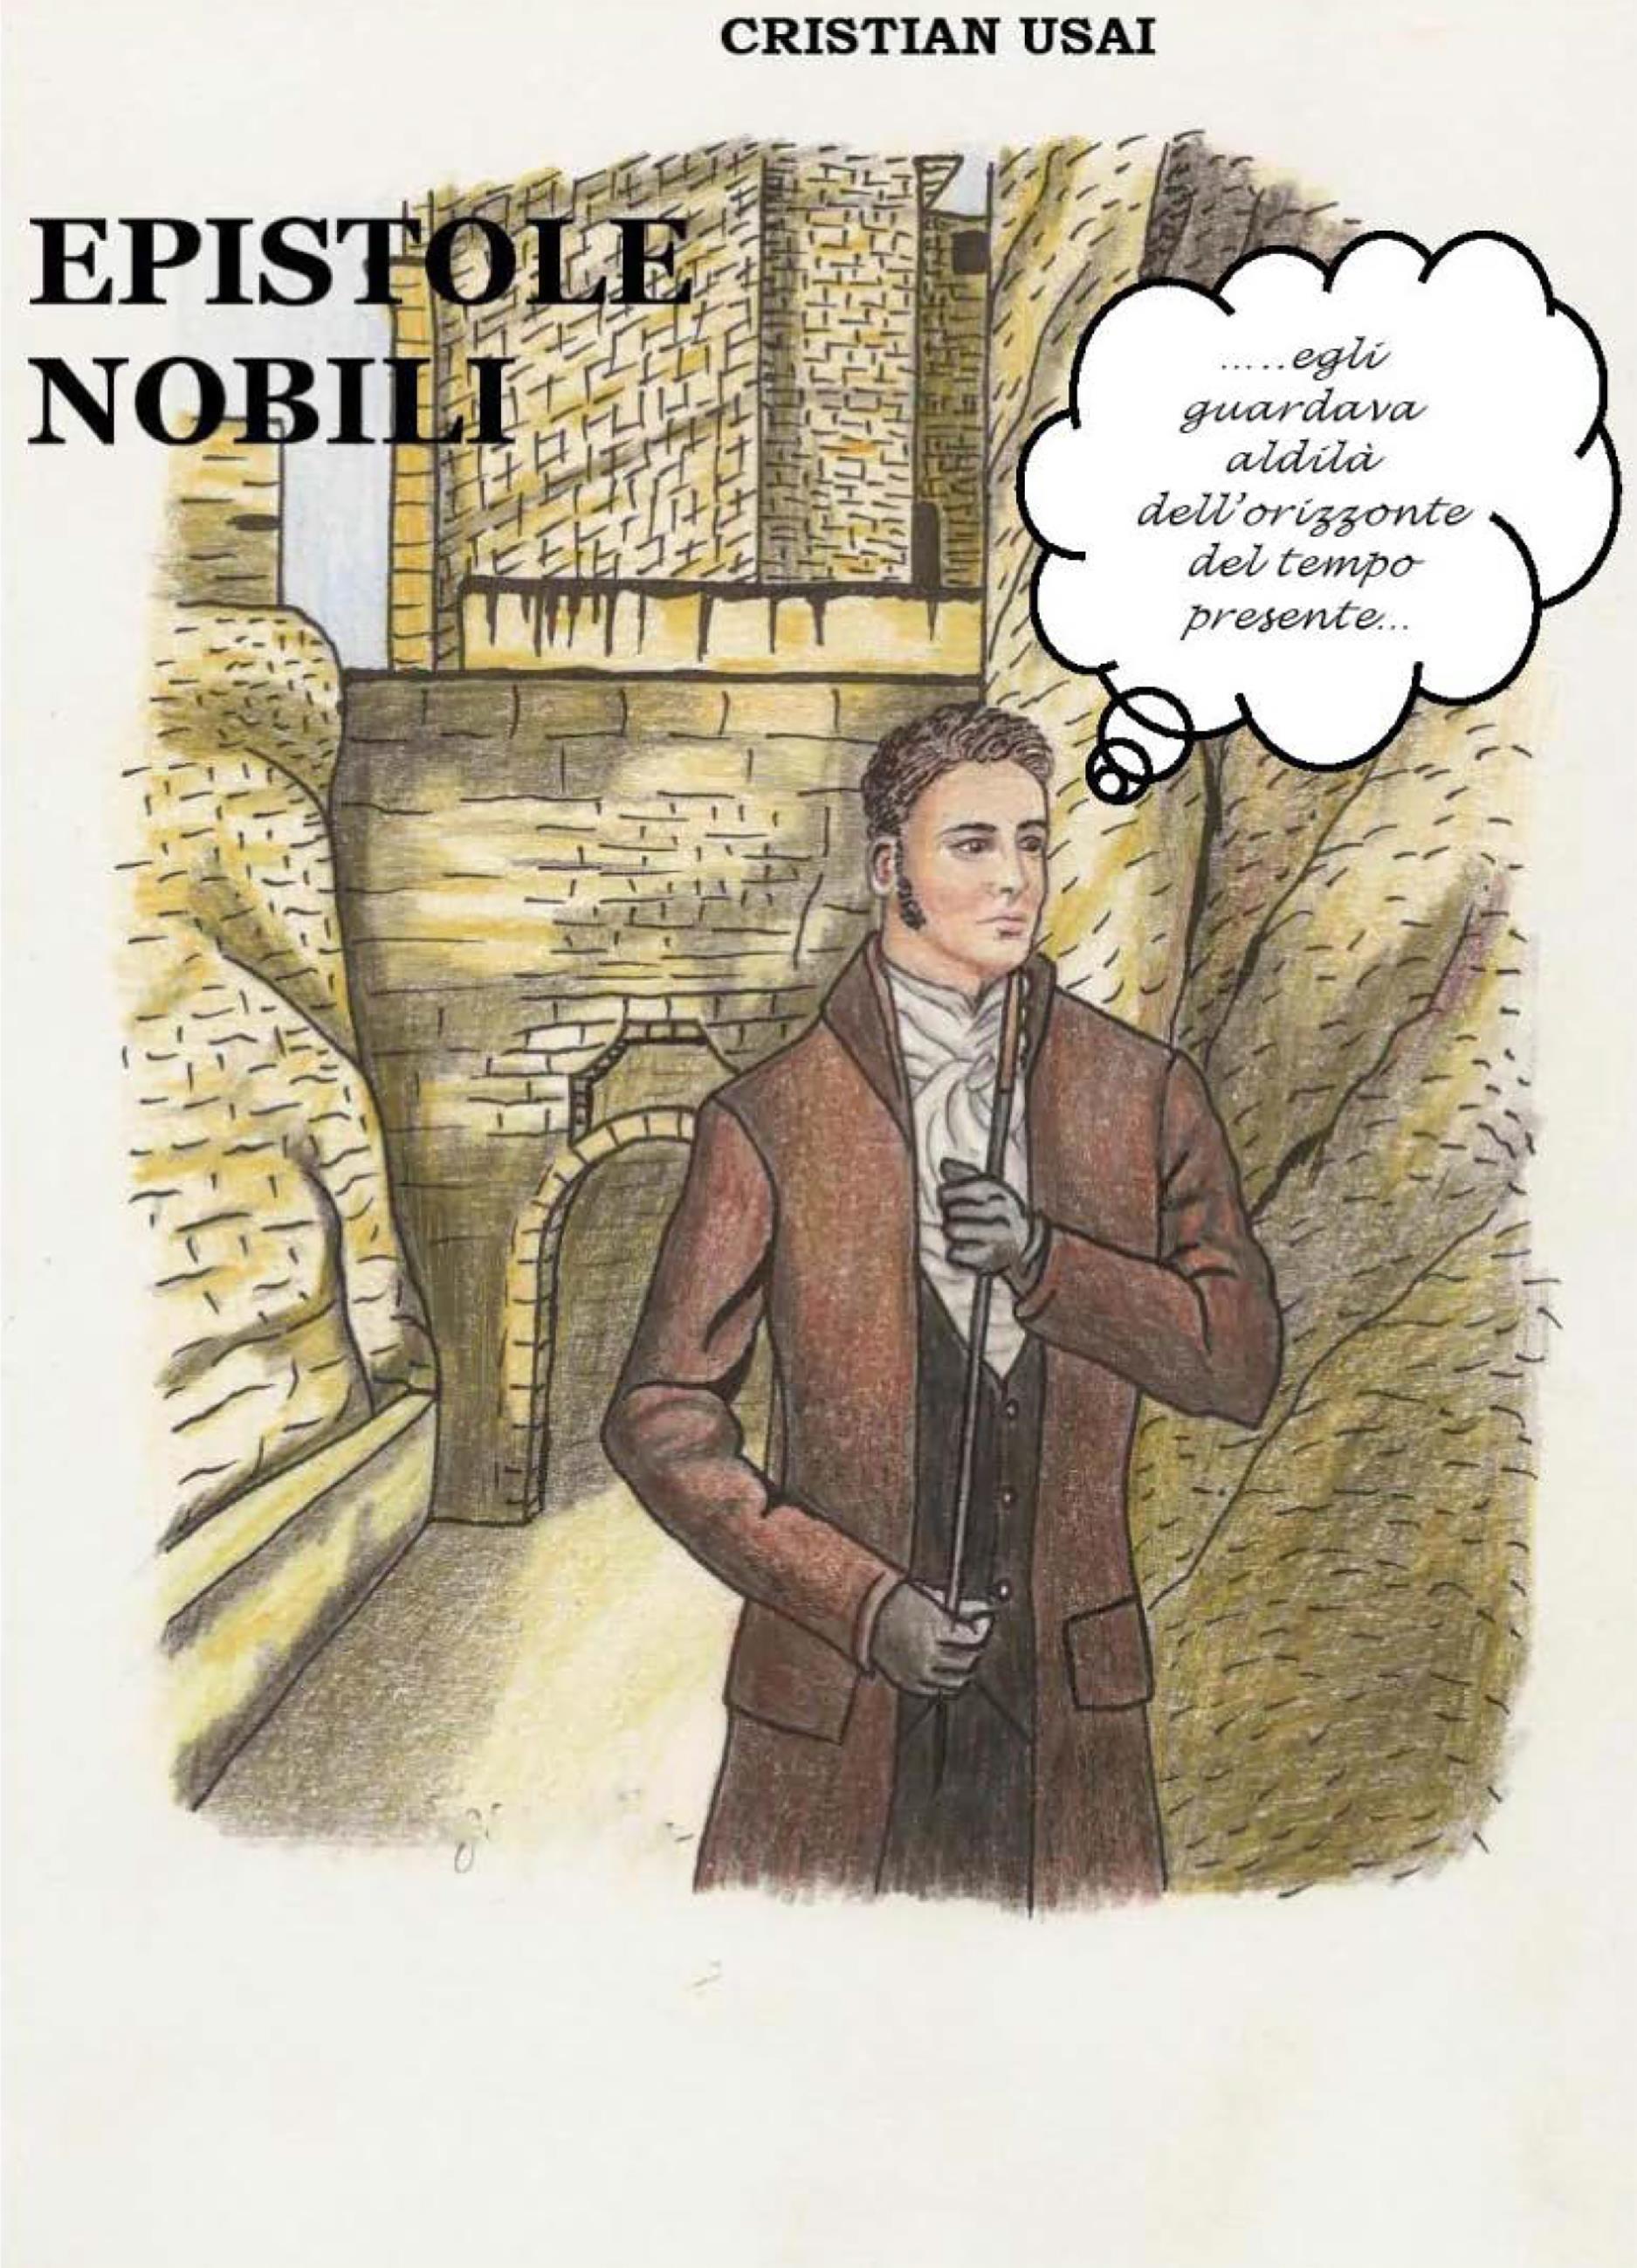 Epistole nobili